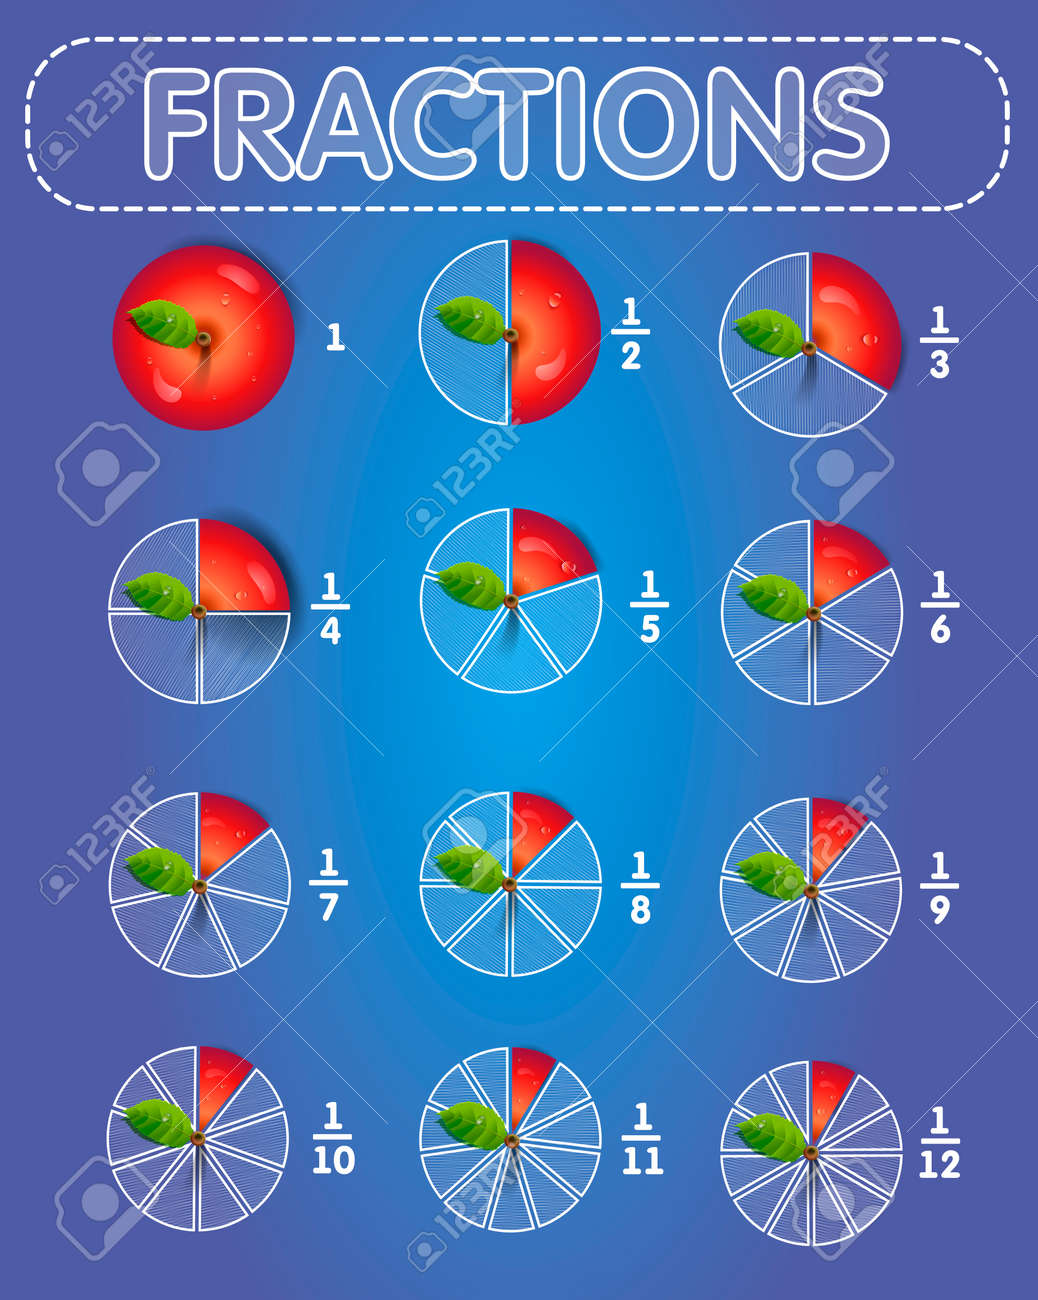 Kreisdiagramm (Fraktionen) Symbol In Form Von Apfelstücken An Der ...